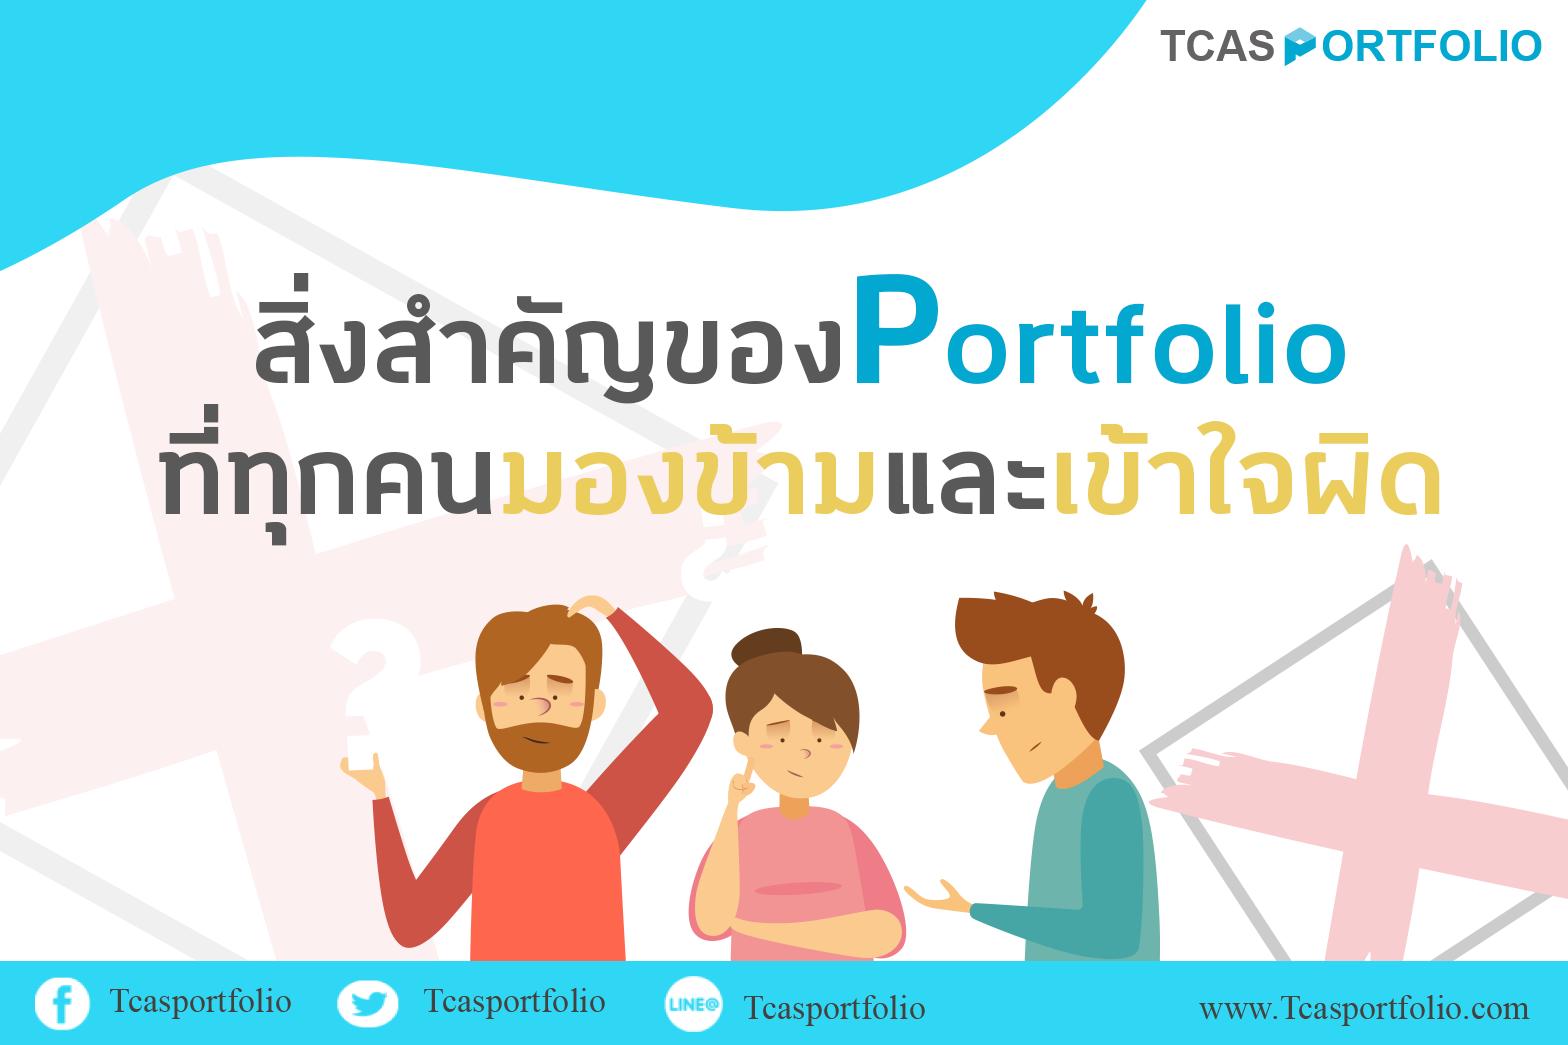 """""""สิ่งสำคัญของ Portfolio ที่ทุกคนมองข้ามและเข้าใจผิด"""" พอร์ตฟอลิโอ มีอะไรบ้าง ,เกียรติบัตร ใส่พอร์ต,portfolio เกียรติบัตร,เกียรติบัตร portfolio , สัมภาษณ์เข้ามหาลัย , ยื่นพอร์ตยังไง"""